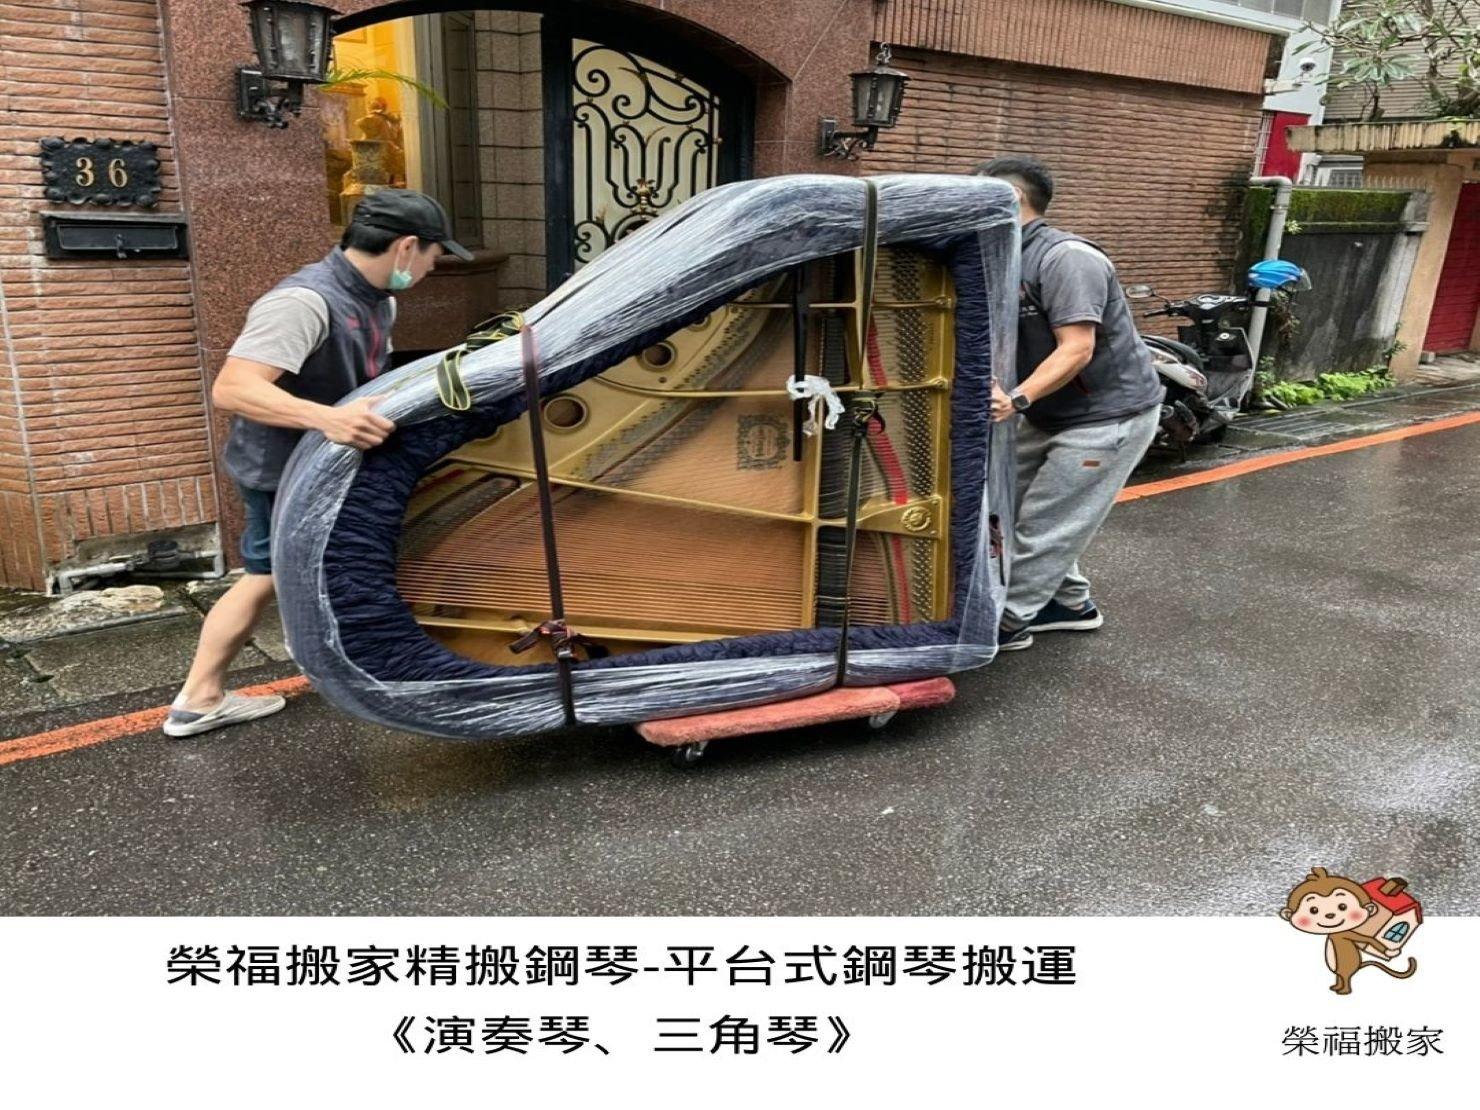 【鋼琴搬運】看榮福搬家專業鋼琴組,如何安全搬運平台式演奏鋼琴吧!